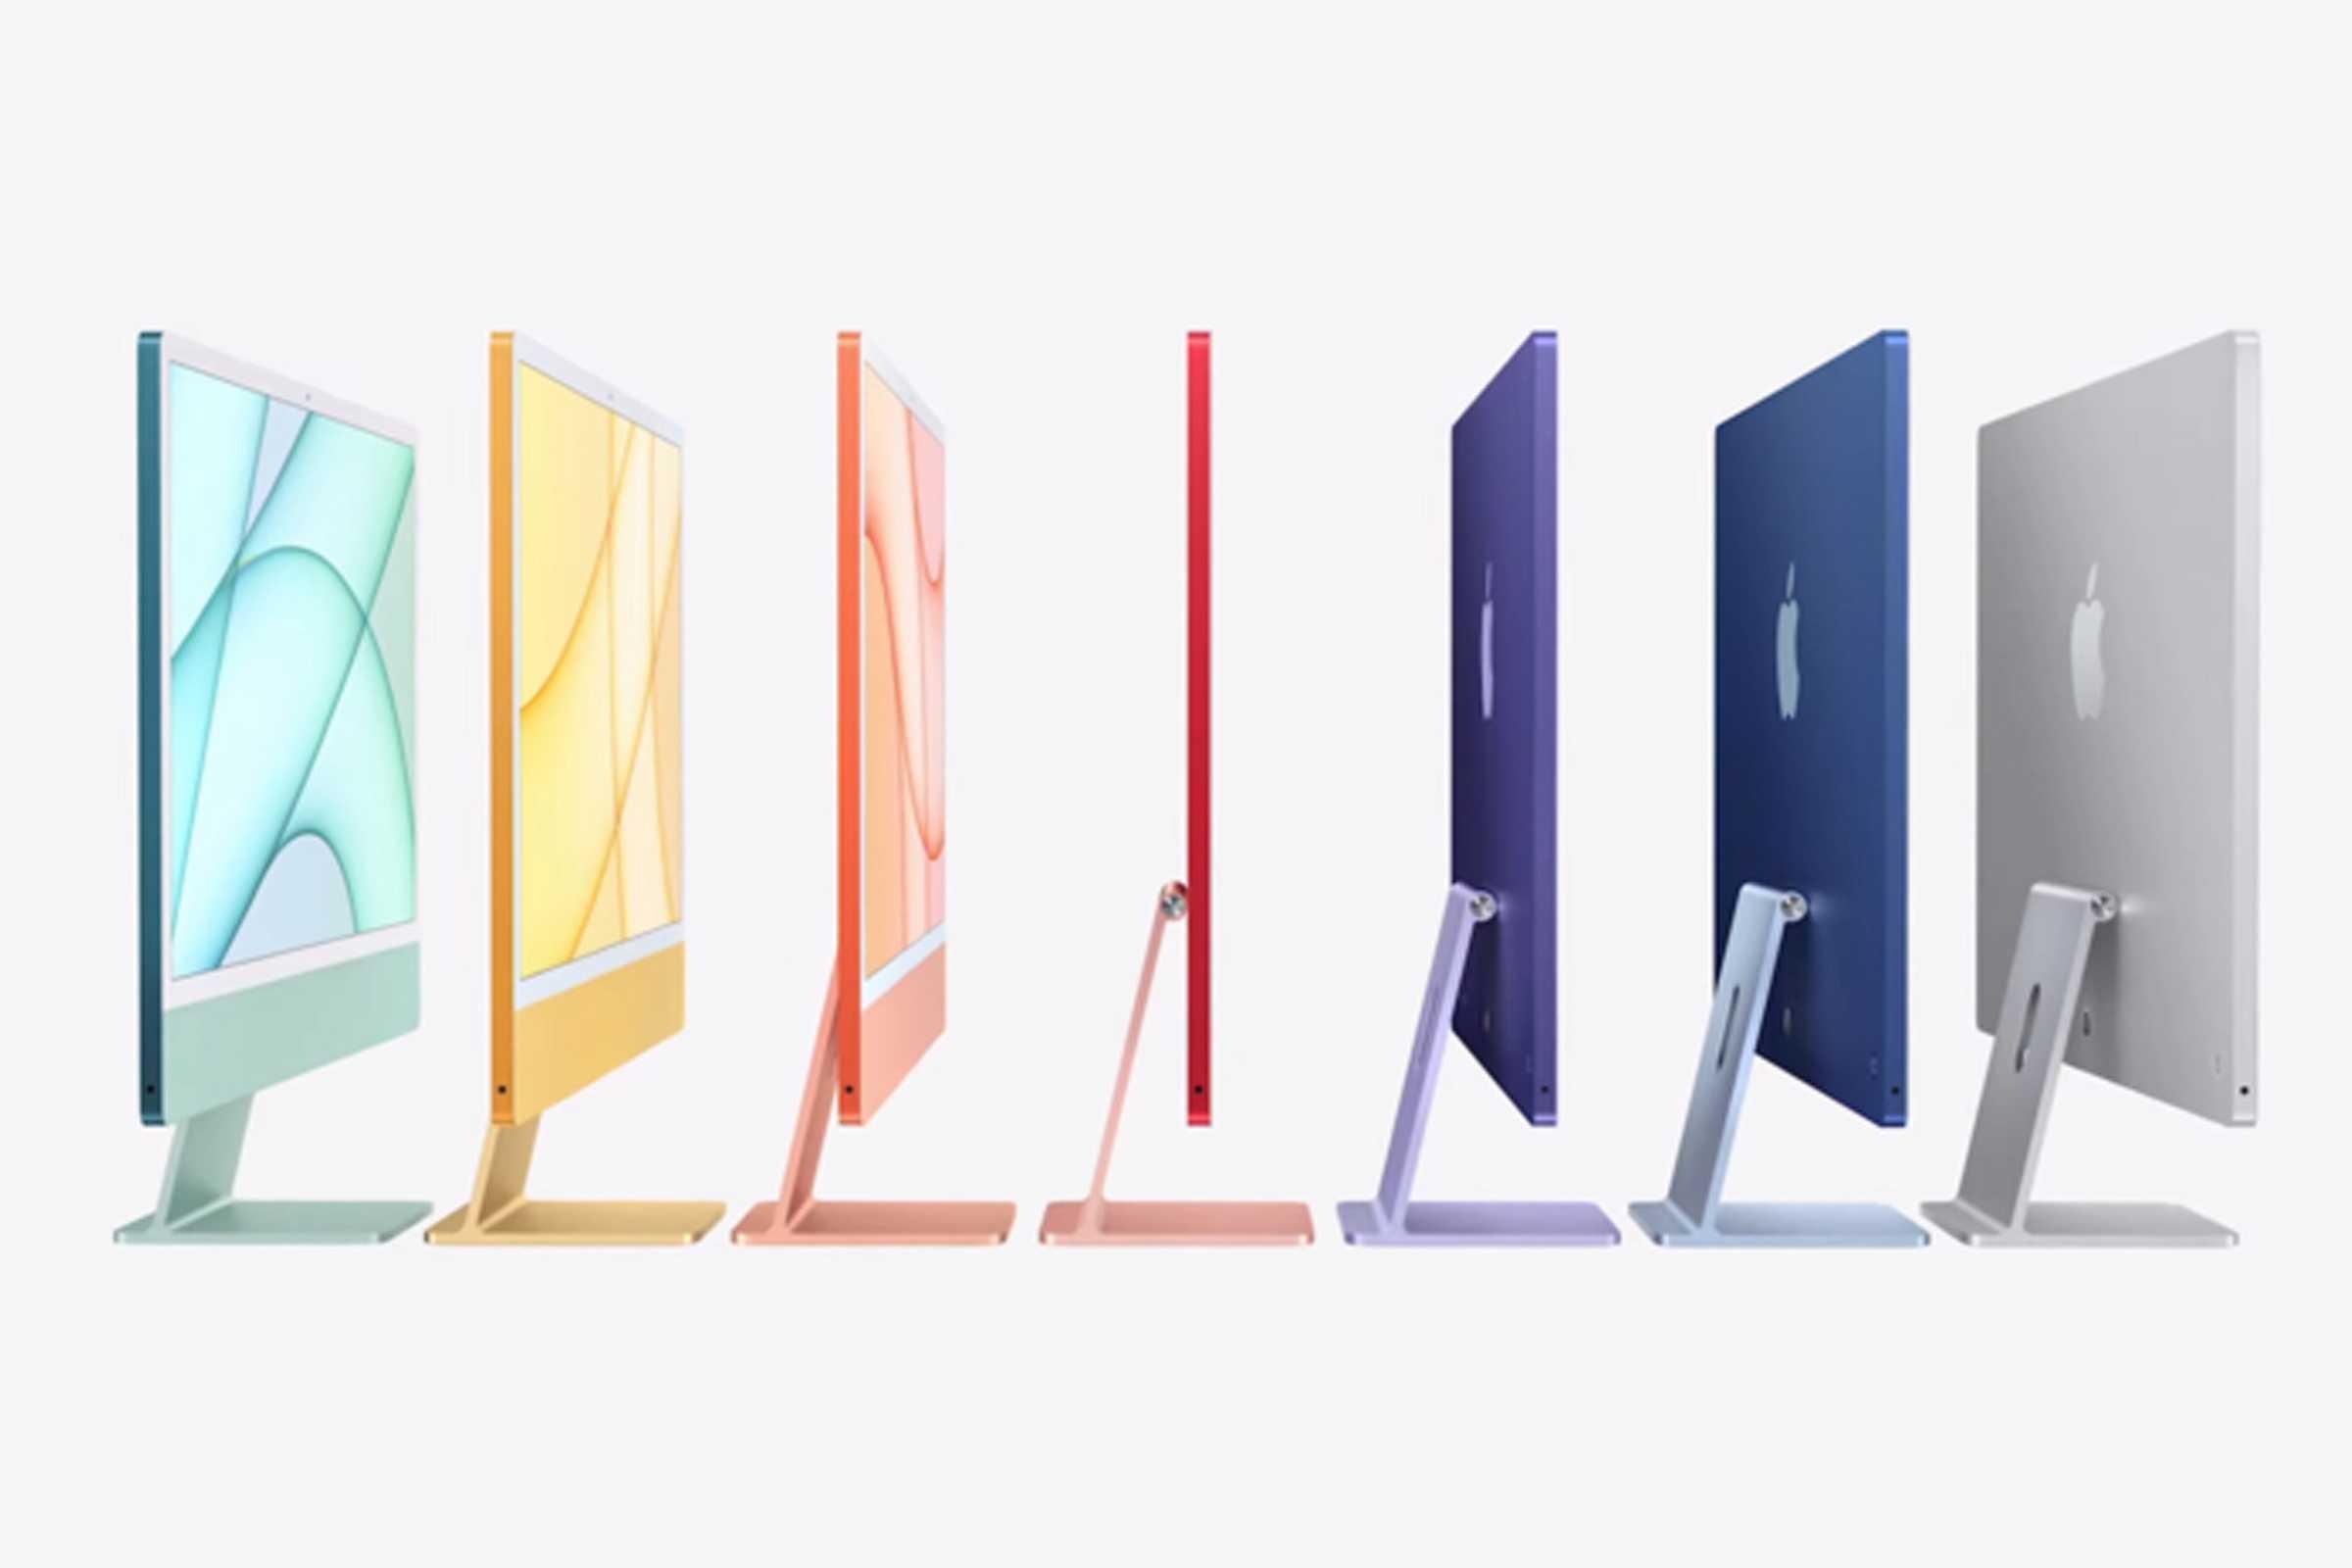 Có hai điều mà hầu hết chúng ta không thích trên iMac 24 inch mới